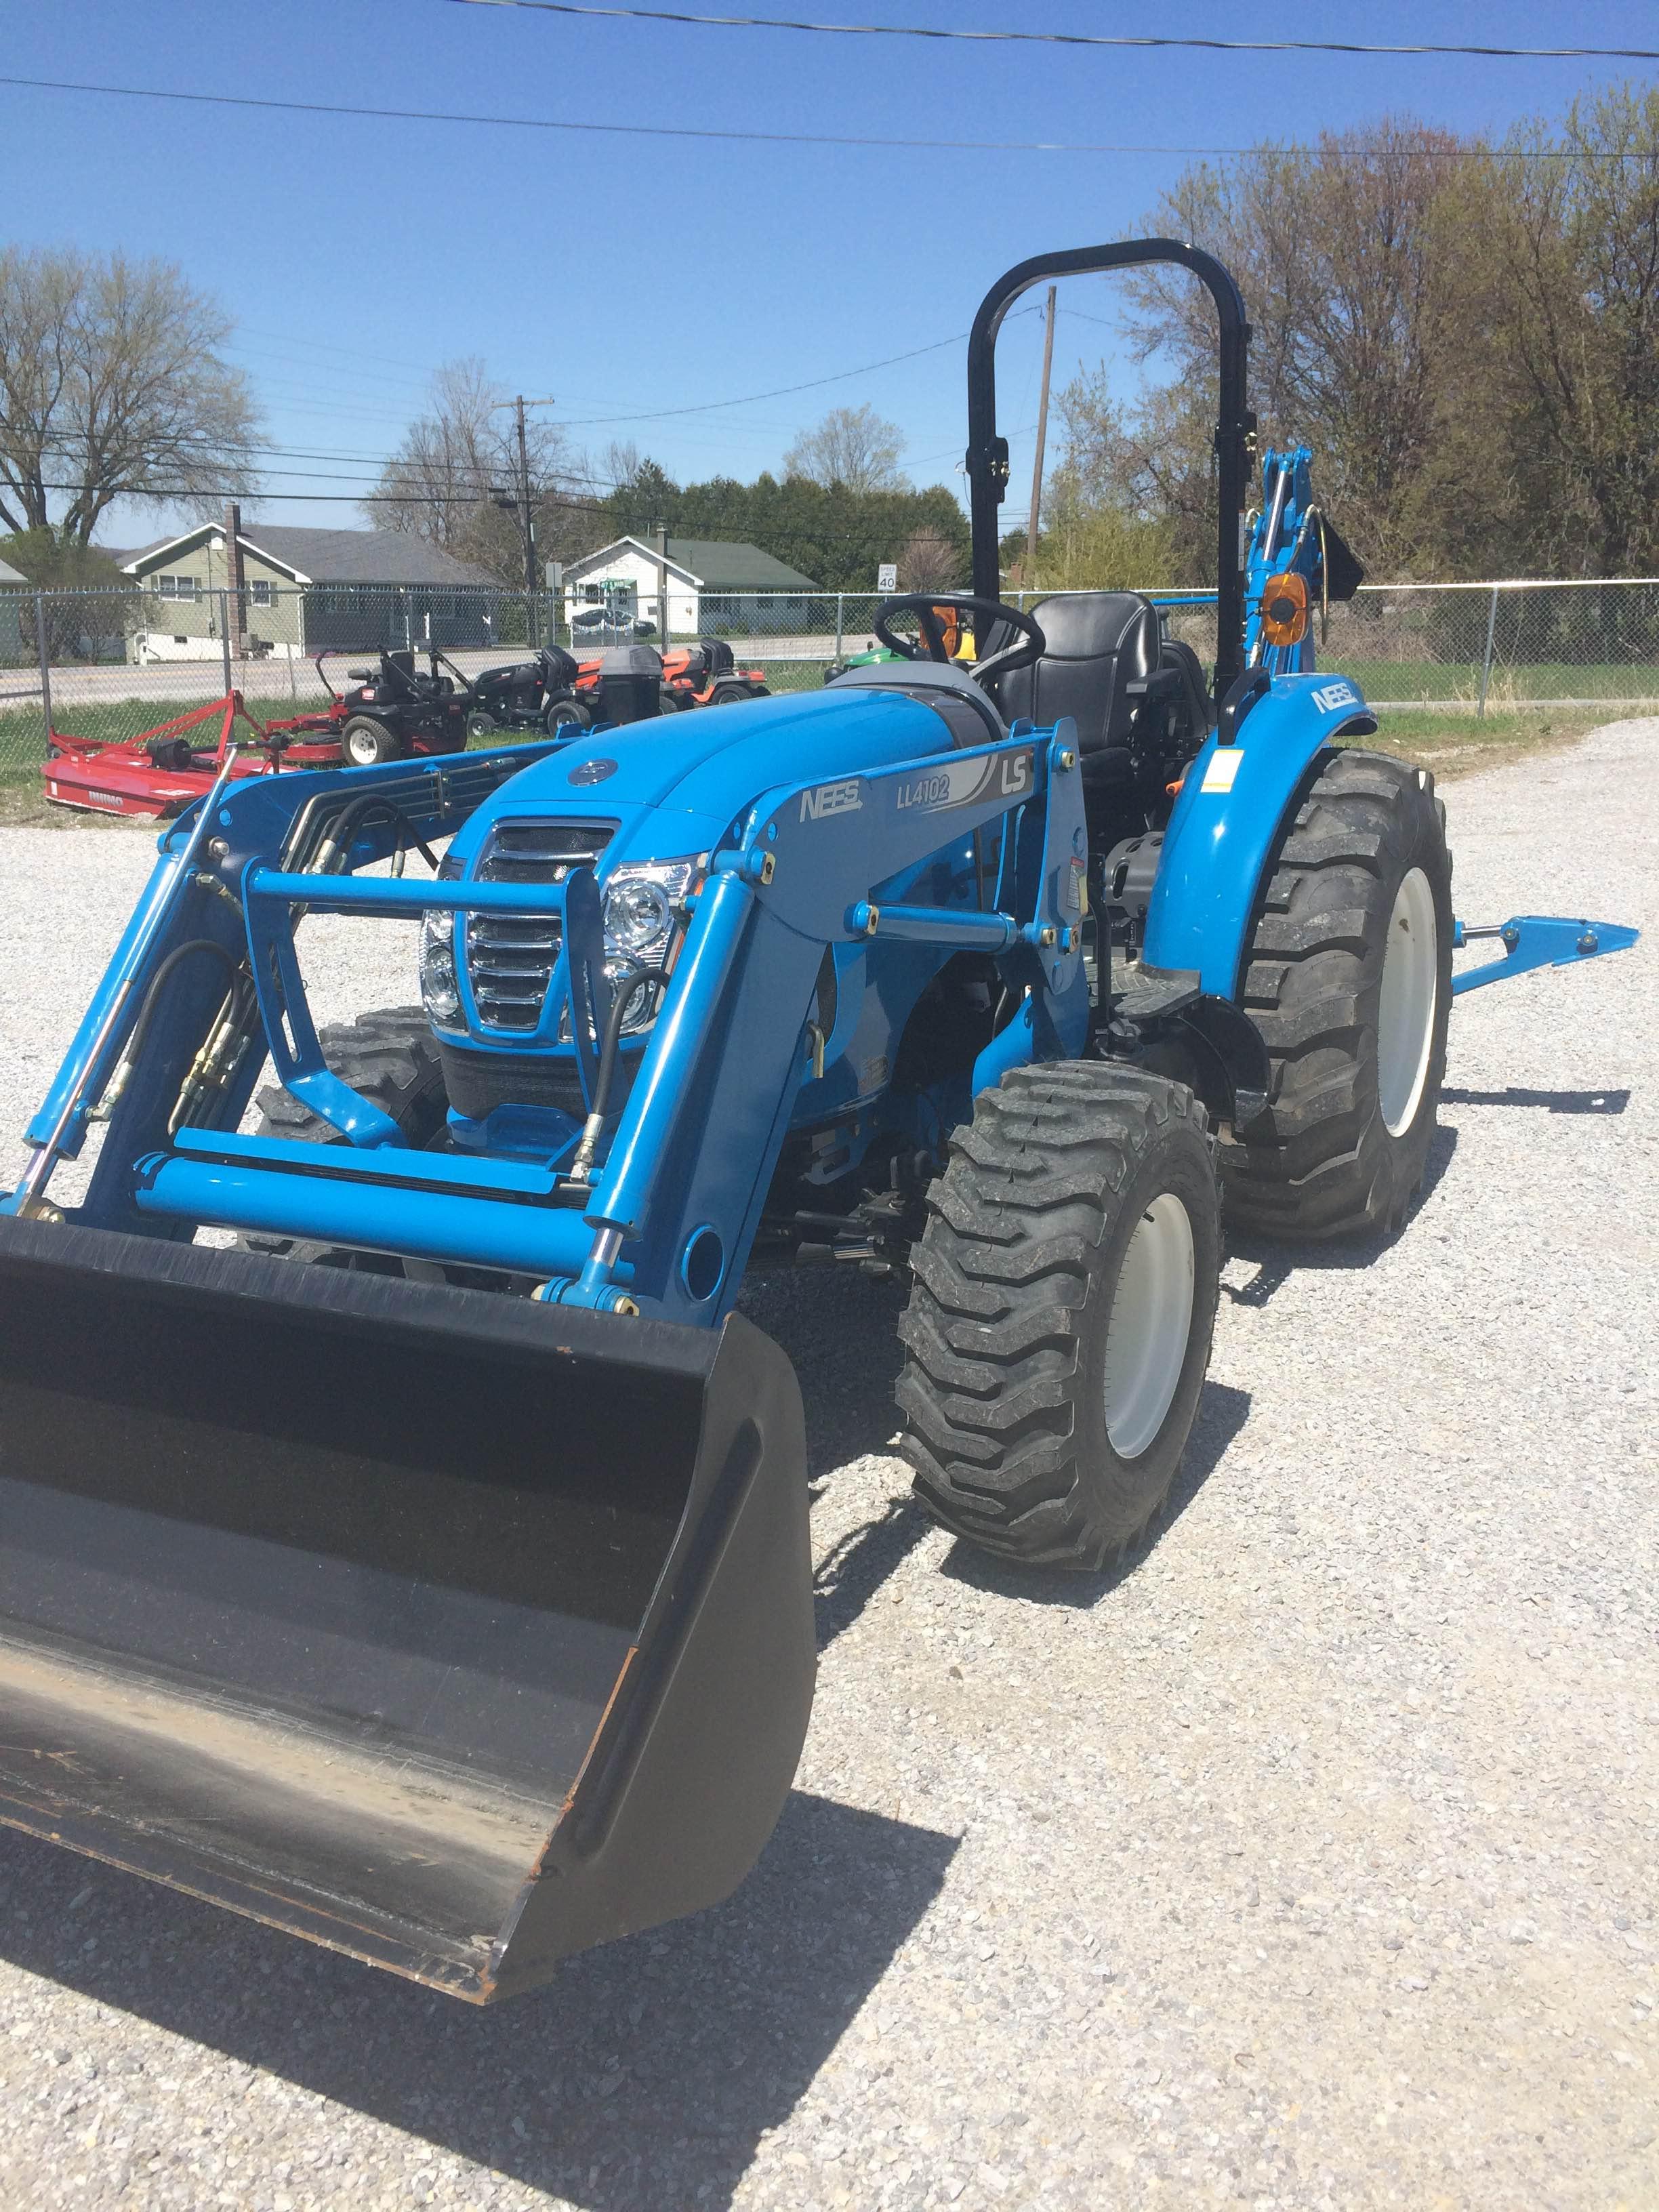 XR4040 Unit#9356